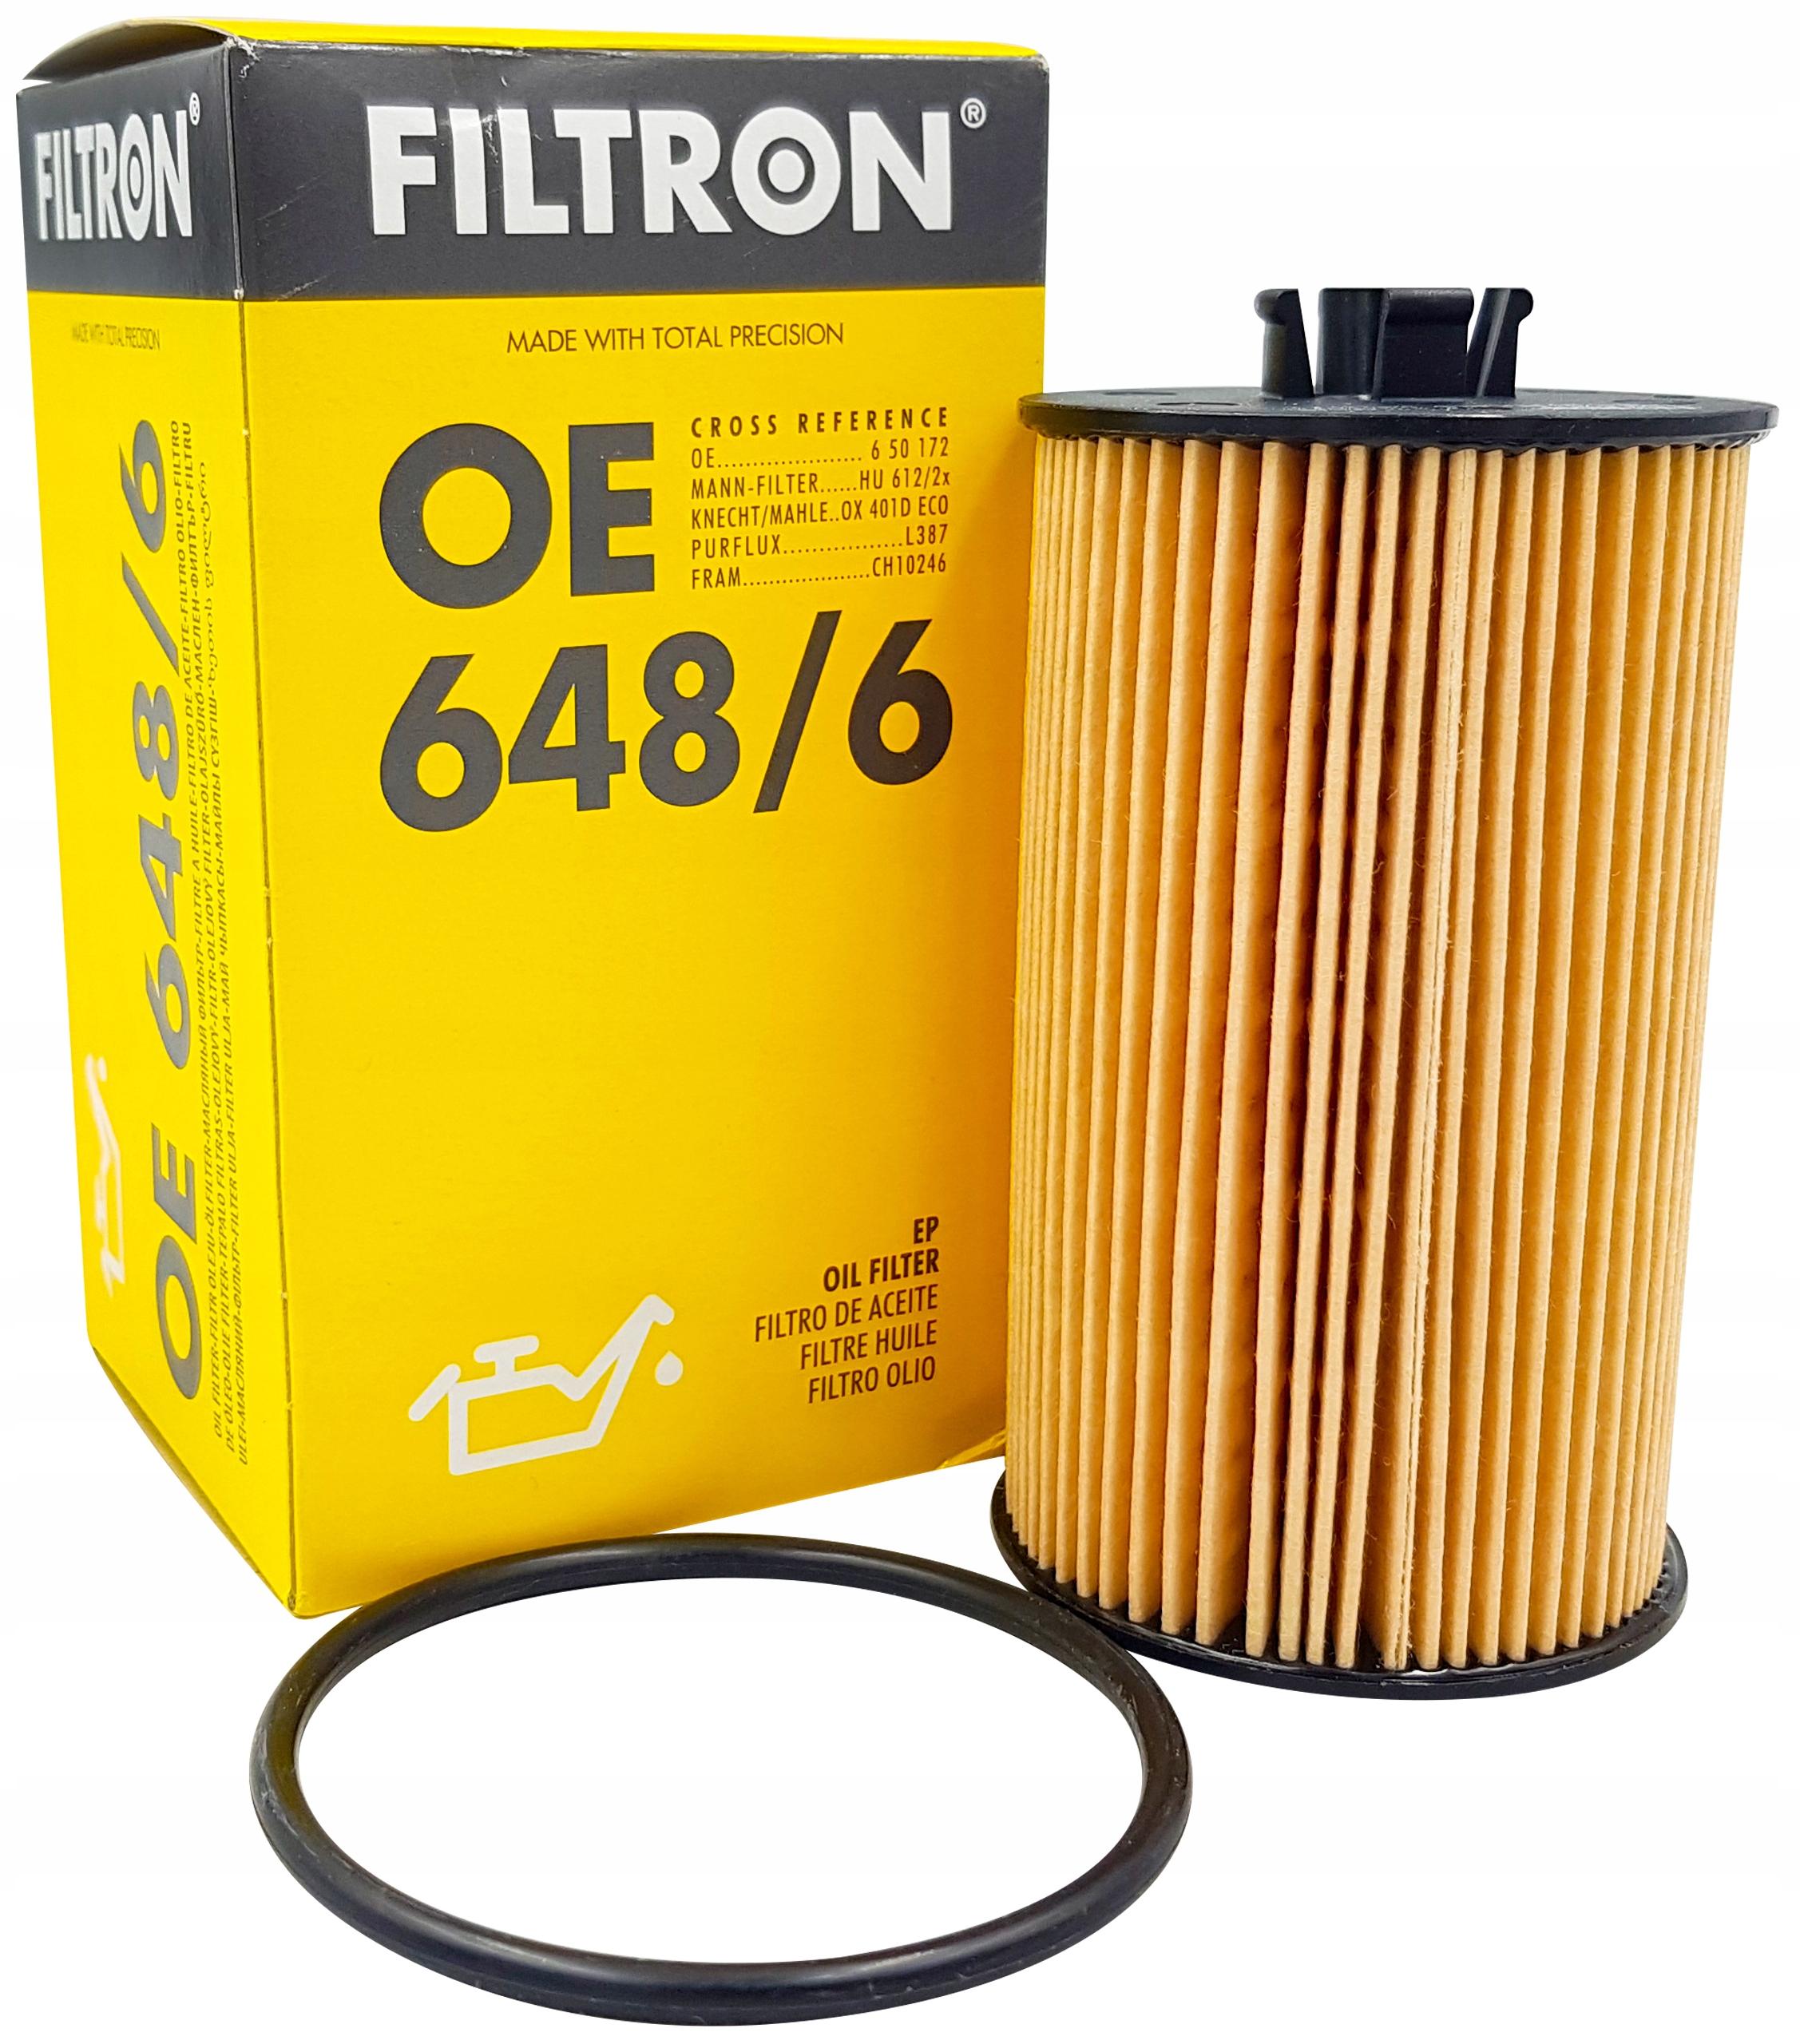 Filtron oe648//6/Filtro olio